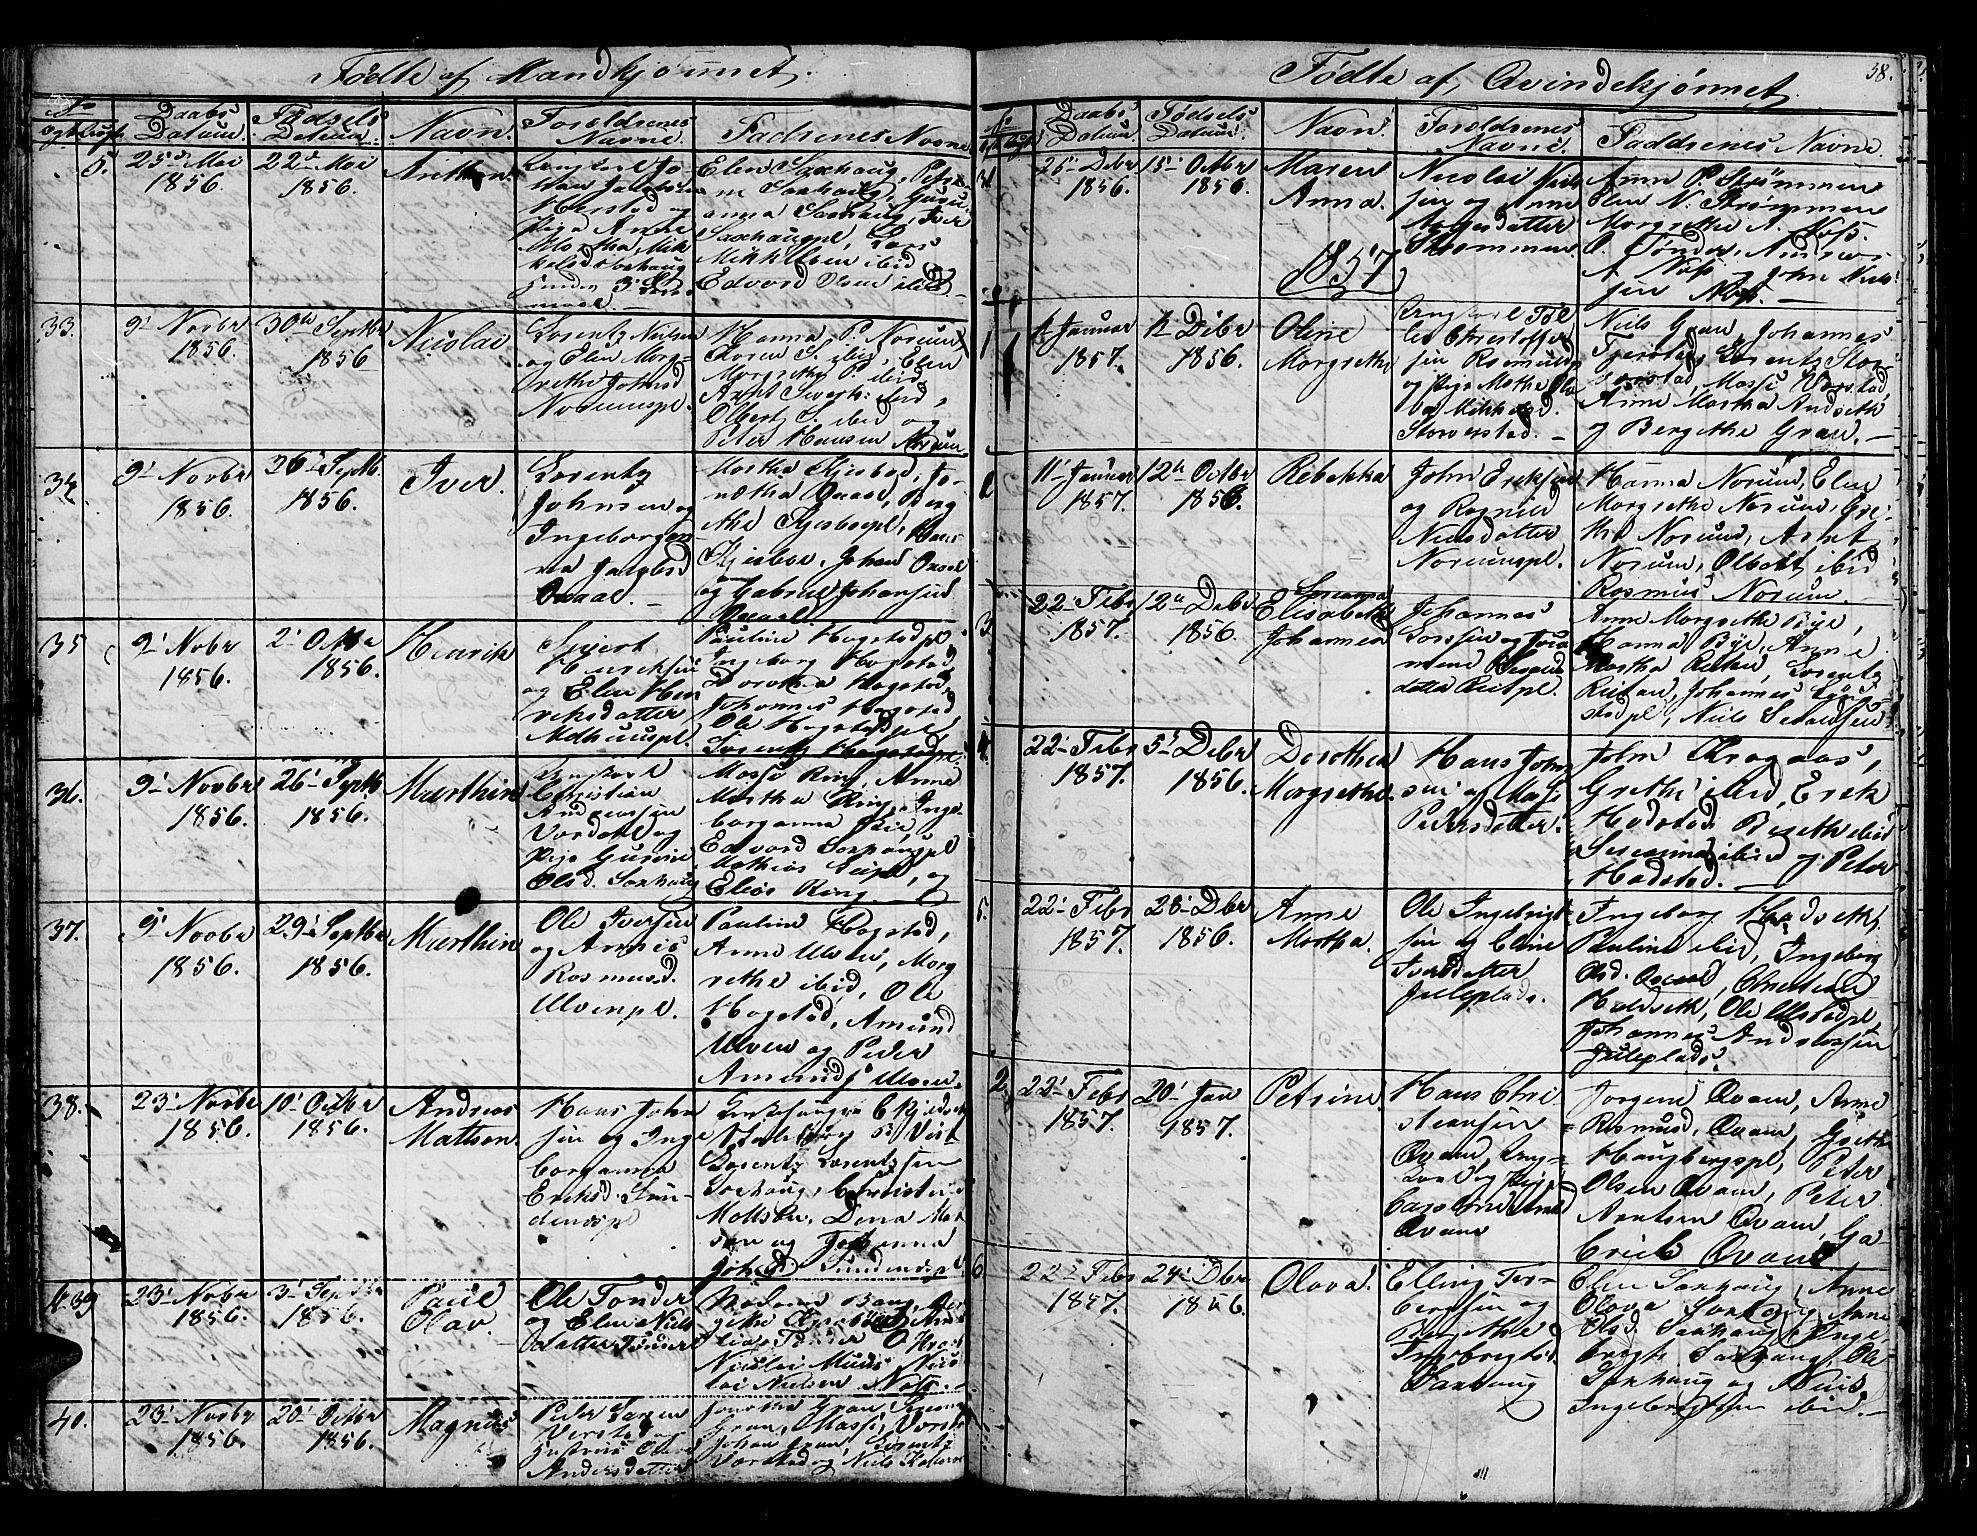 SAT, Ministerialprotokoller, klokkerbøker og fødselsregistre - Nord-Trøndelag, 730/L0299: Klokkerbok nr. 730C02, 1849-1871, s. 38